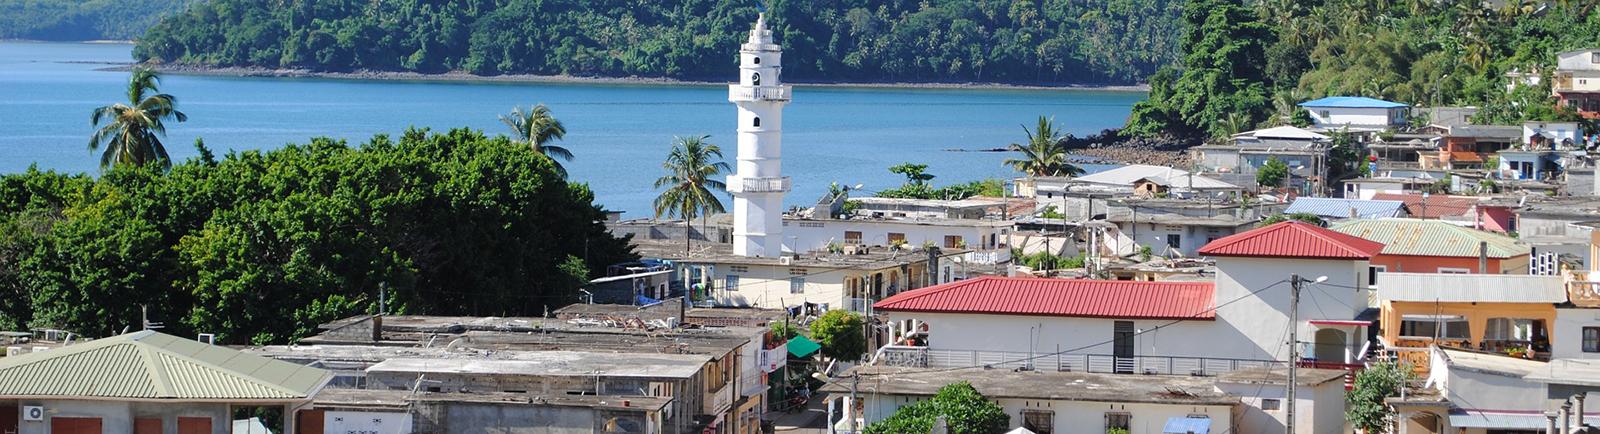 Paysage Mayotte - deux lieux de culte à bâti avec l'Action Missionnaire